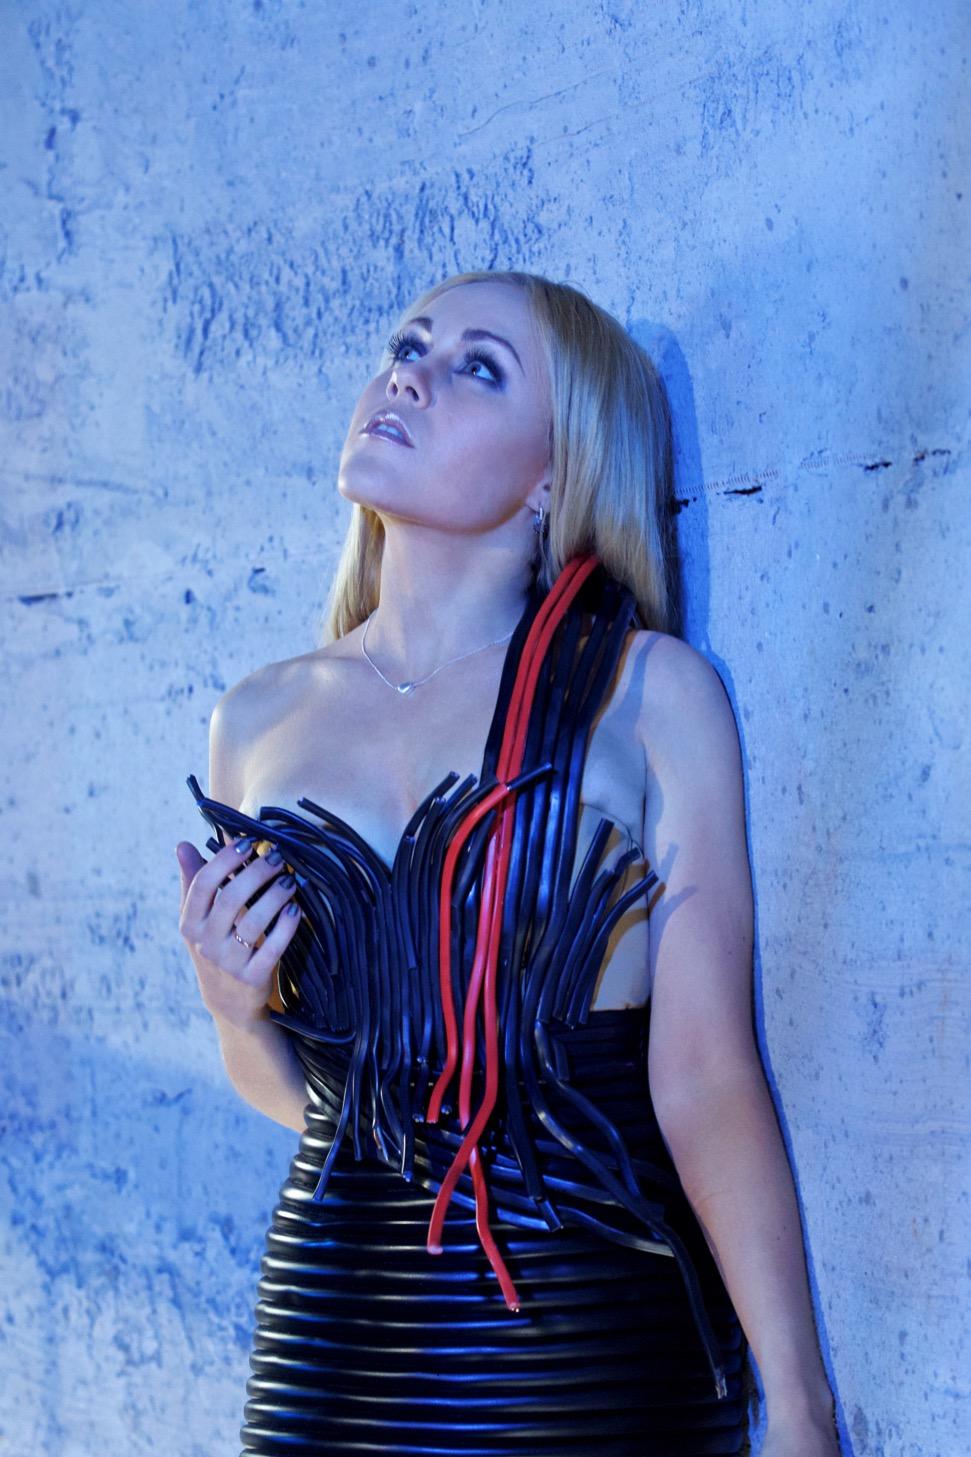 Alyosha примерила платье из проводов для съемок нового клипа